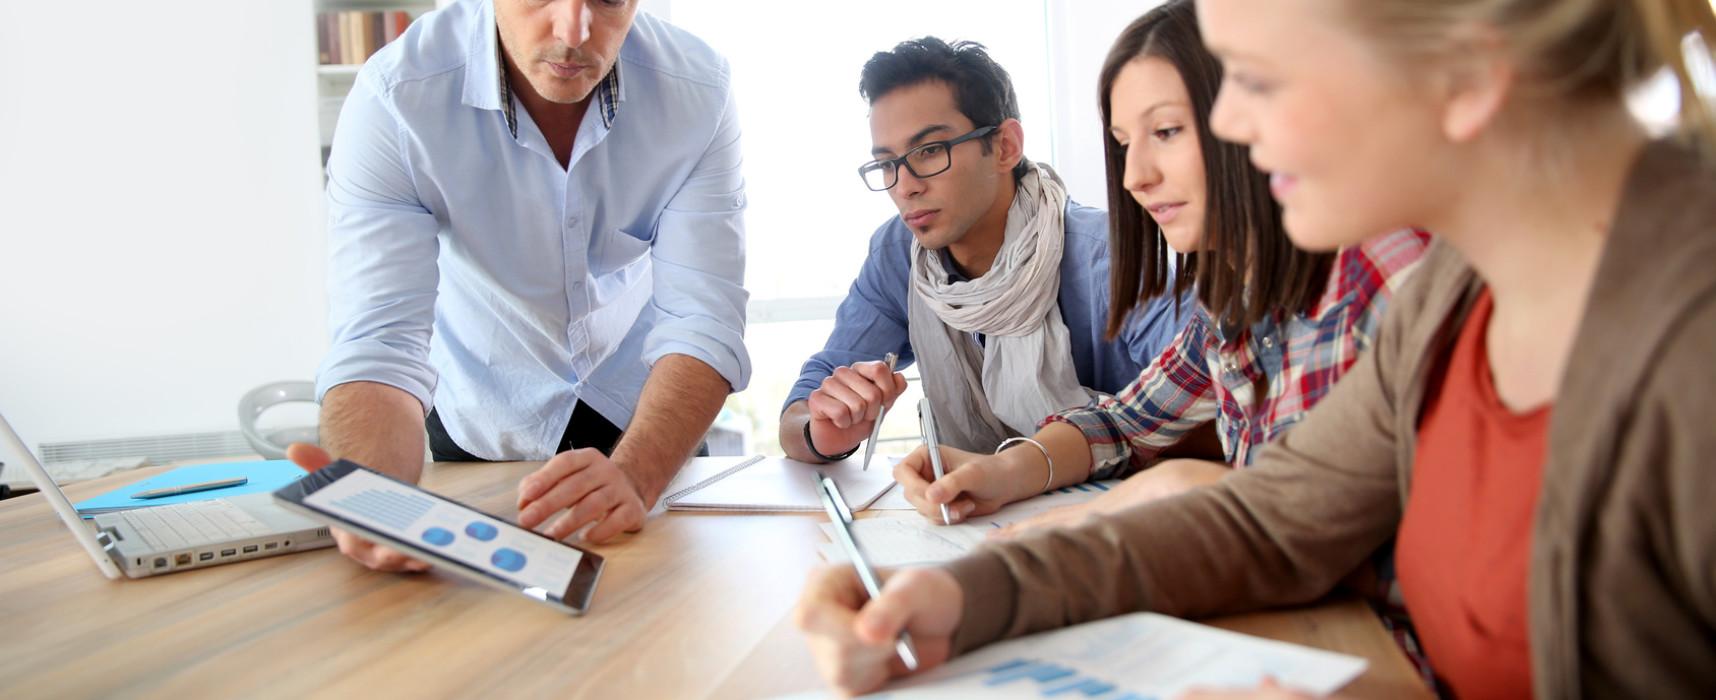 """PROROGATO Corso ITS GRATUITO per """"Tecnico superiore per il marketing e l'internazionalizzazione delle Imprese"""" – MITAmarket"""